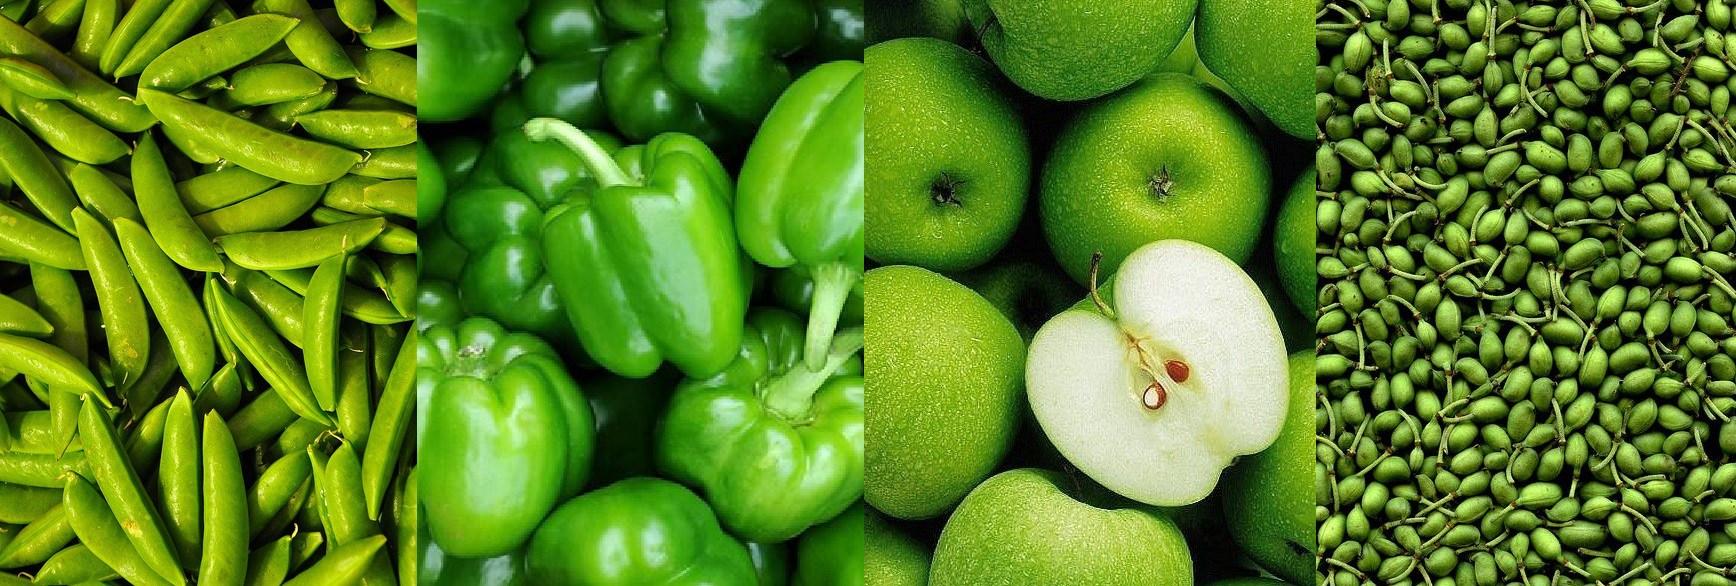 Диета Зеленая Неделя. Что такое зеленая диета, примерное меню на неделю, что можно и нельзя есть?